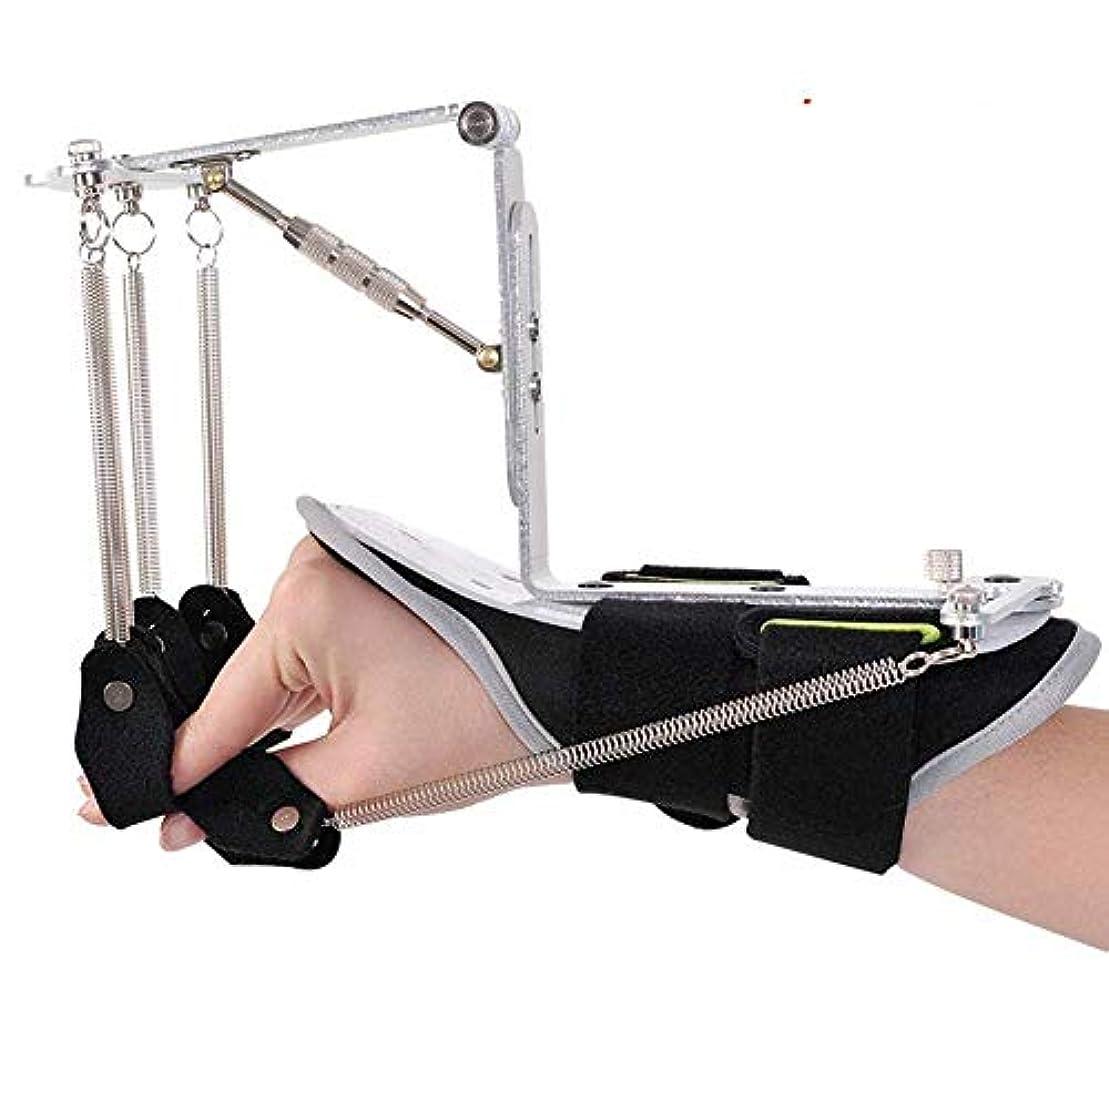 水没かりてプレフィックス片麻痺患者の指の怪我のサポート、手首のリハビリテーショントレーニング、脳卒中装具,A